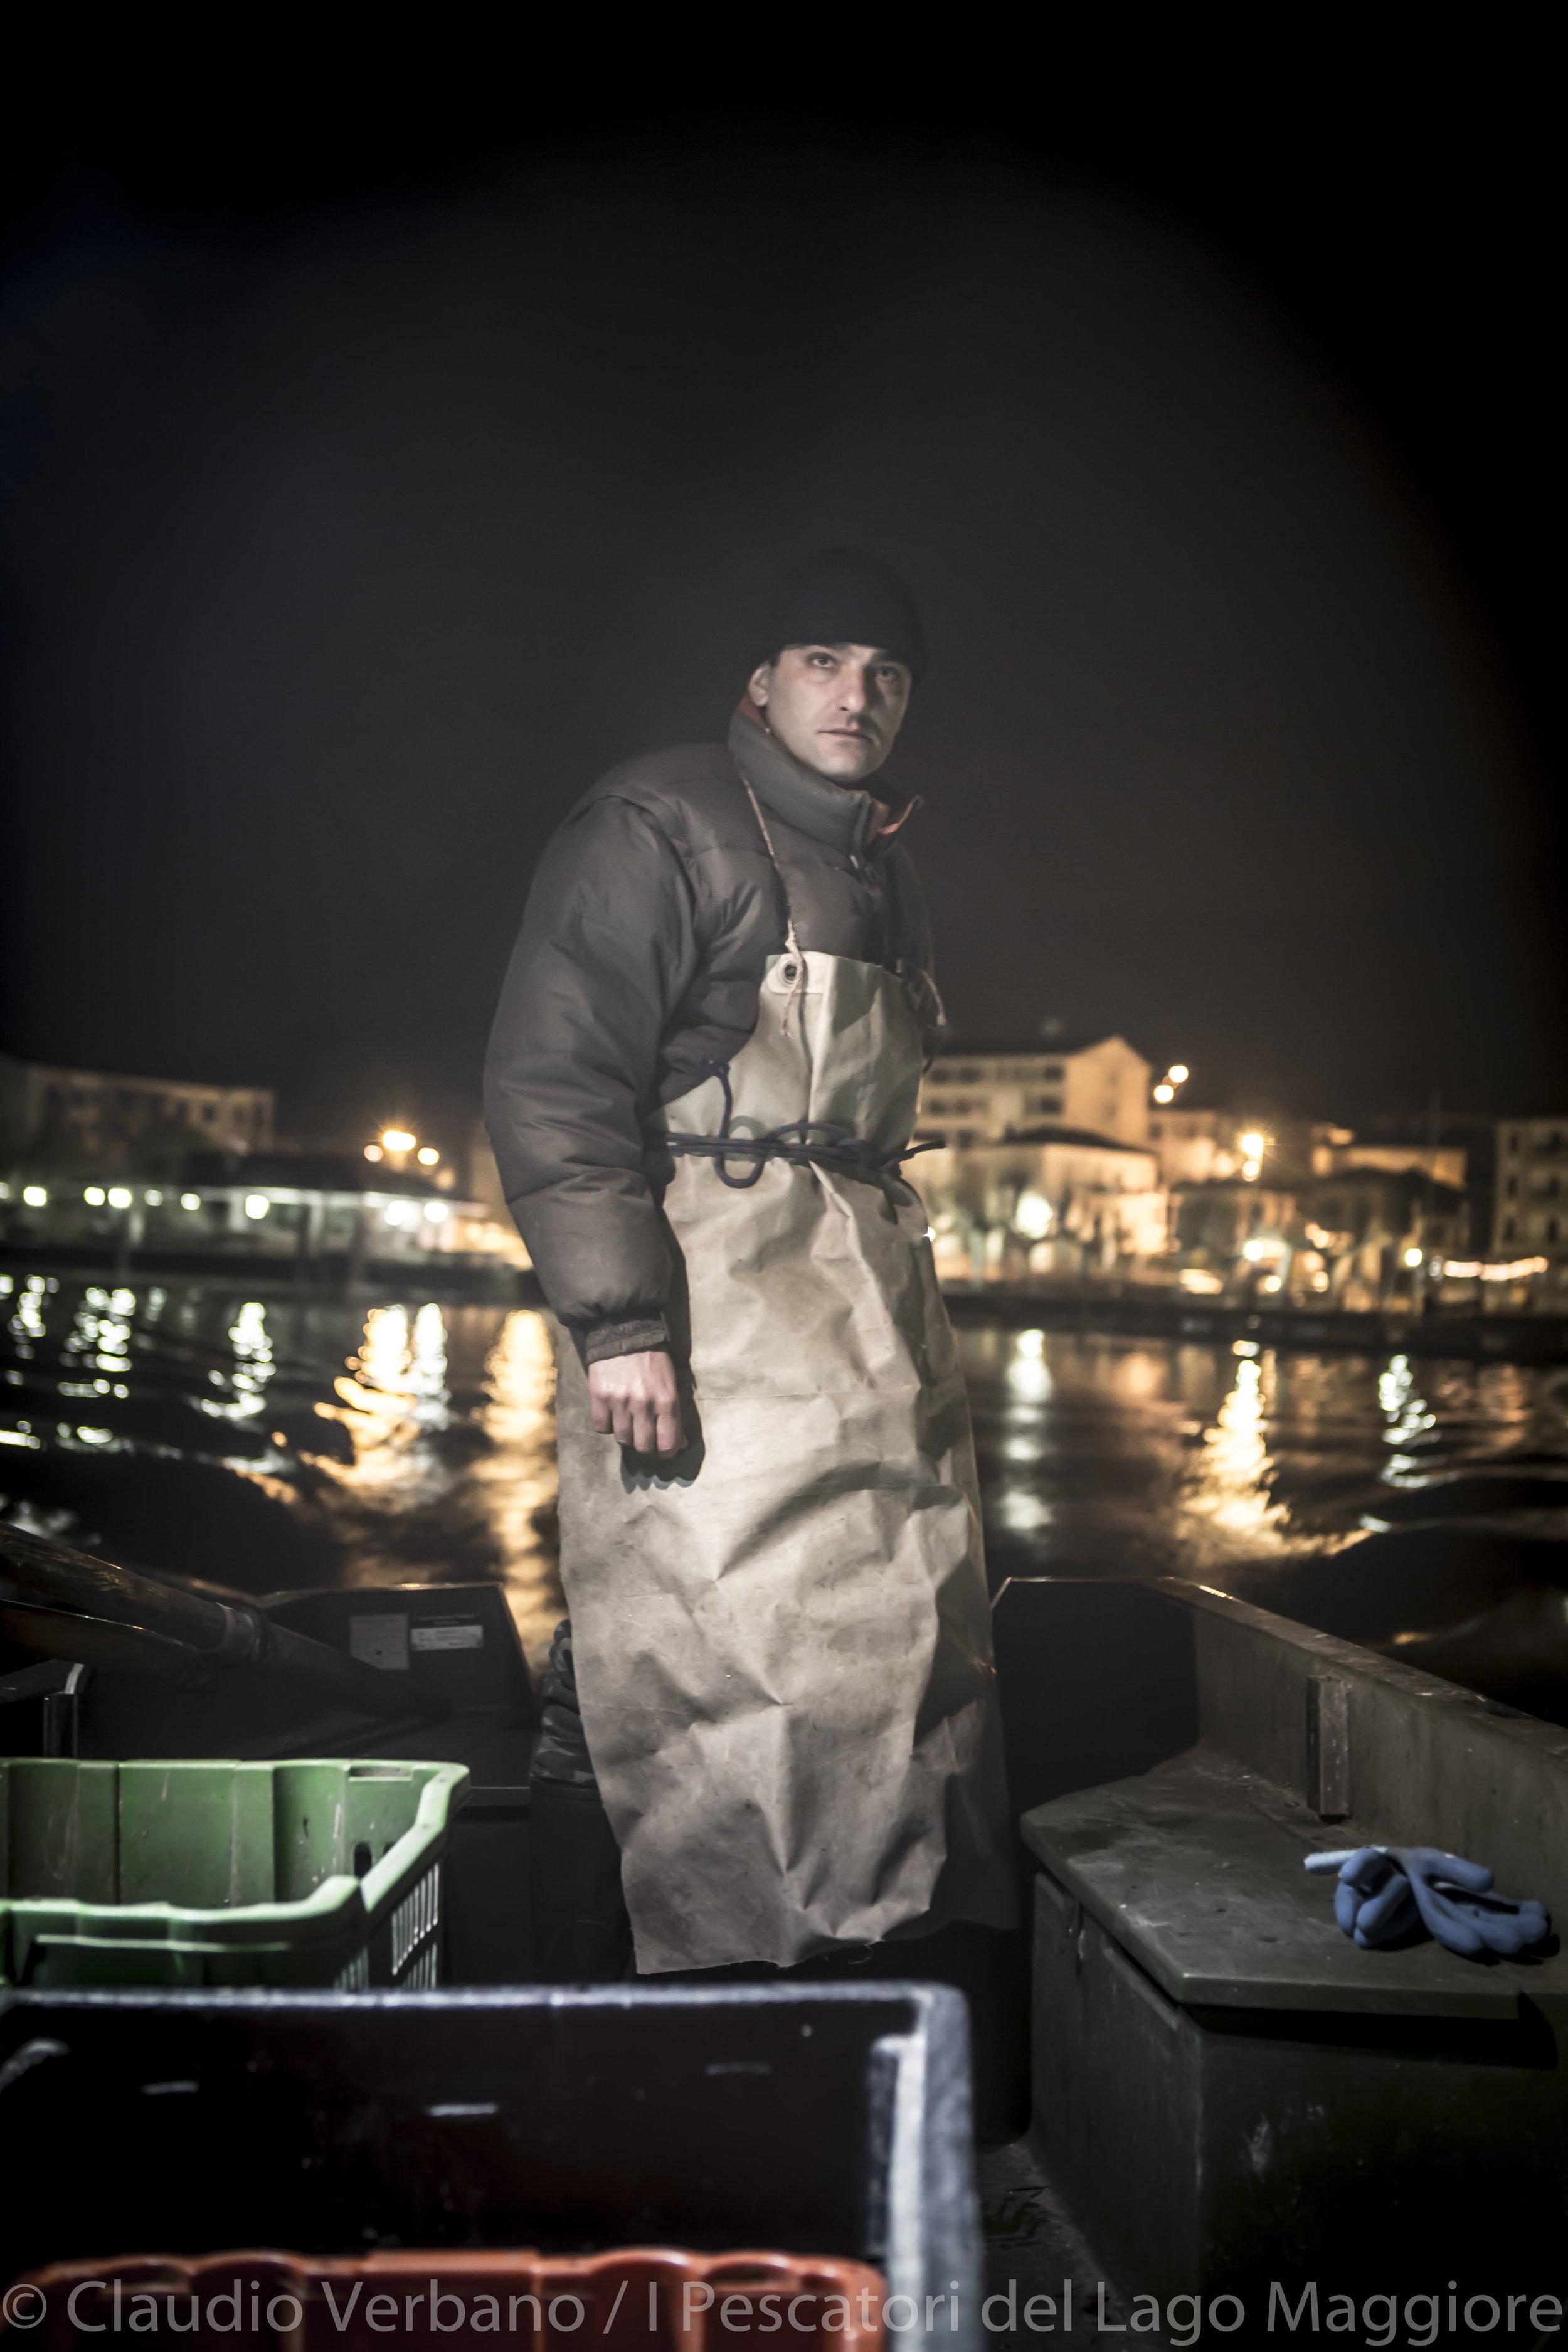 ClaudioVerbano_I Pescatori del Lago Maggiore_11.jpg